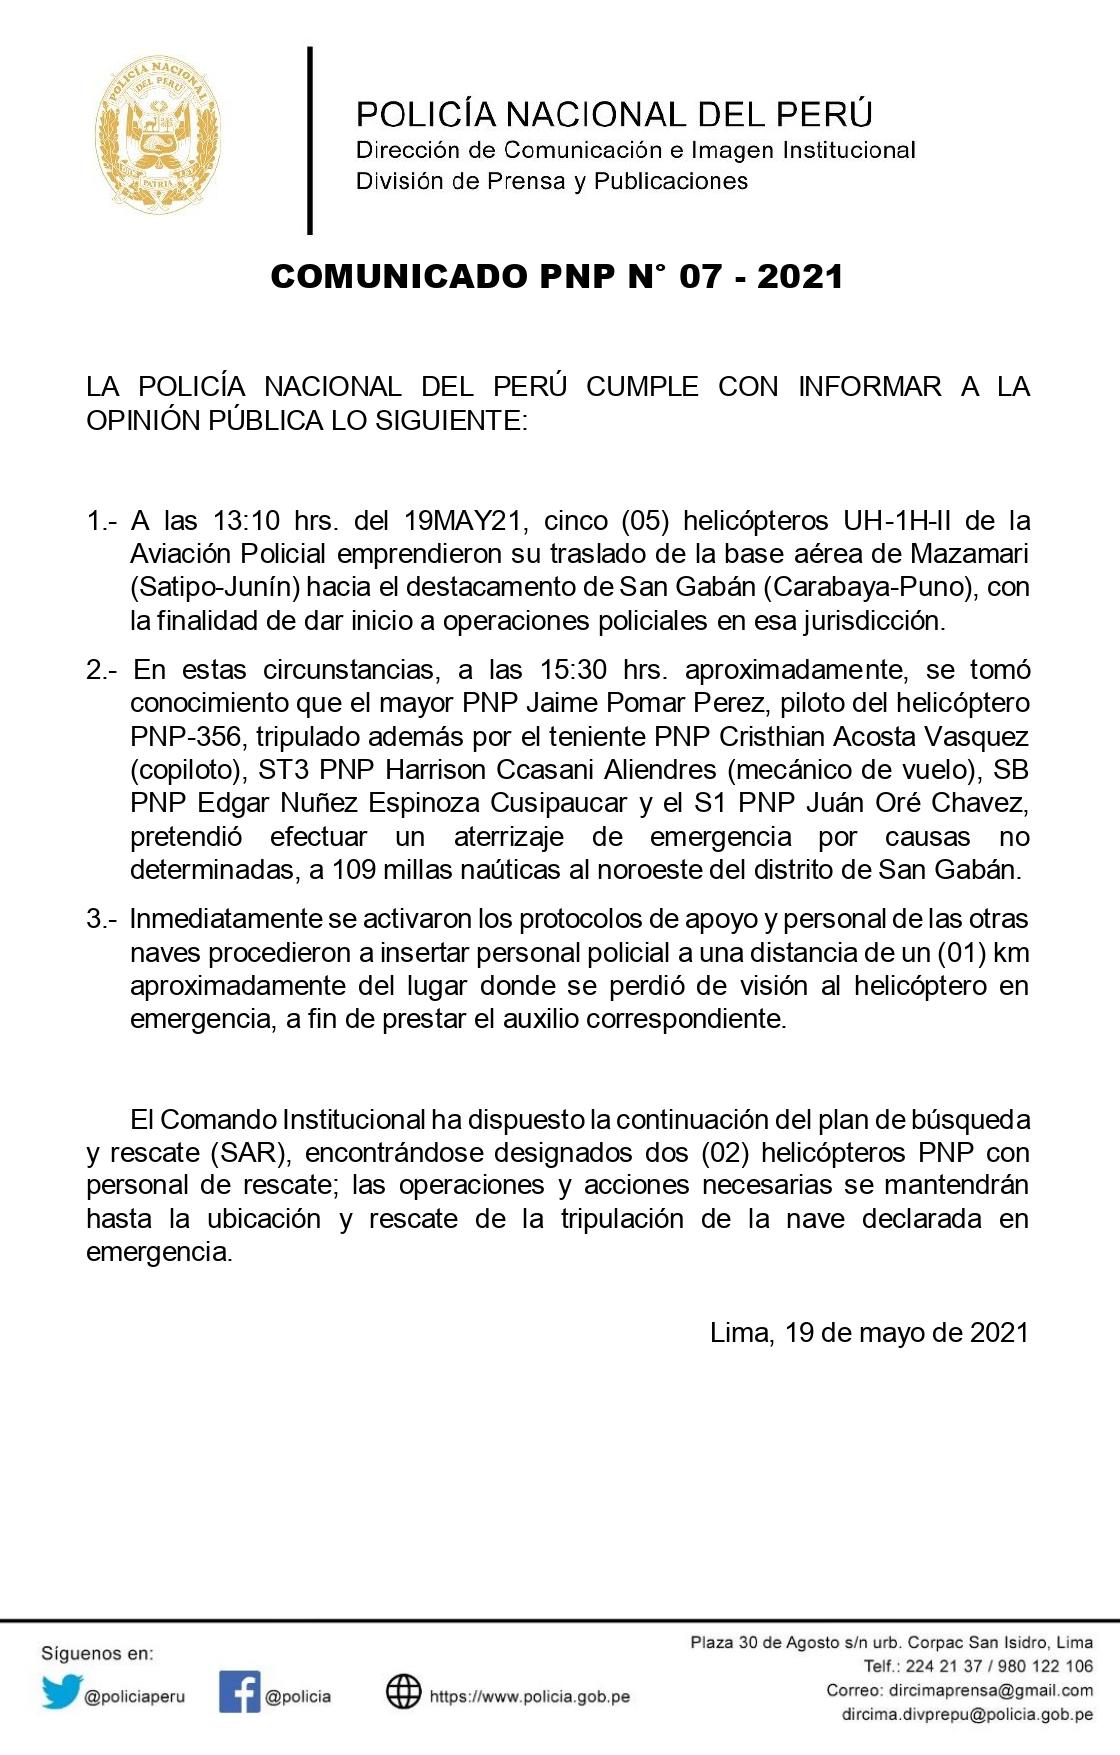 Comunicado Ministerio del Interior